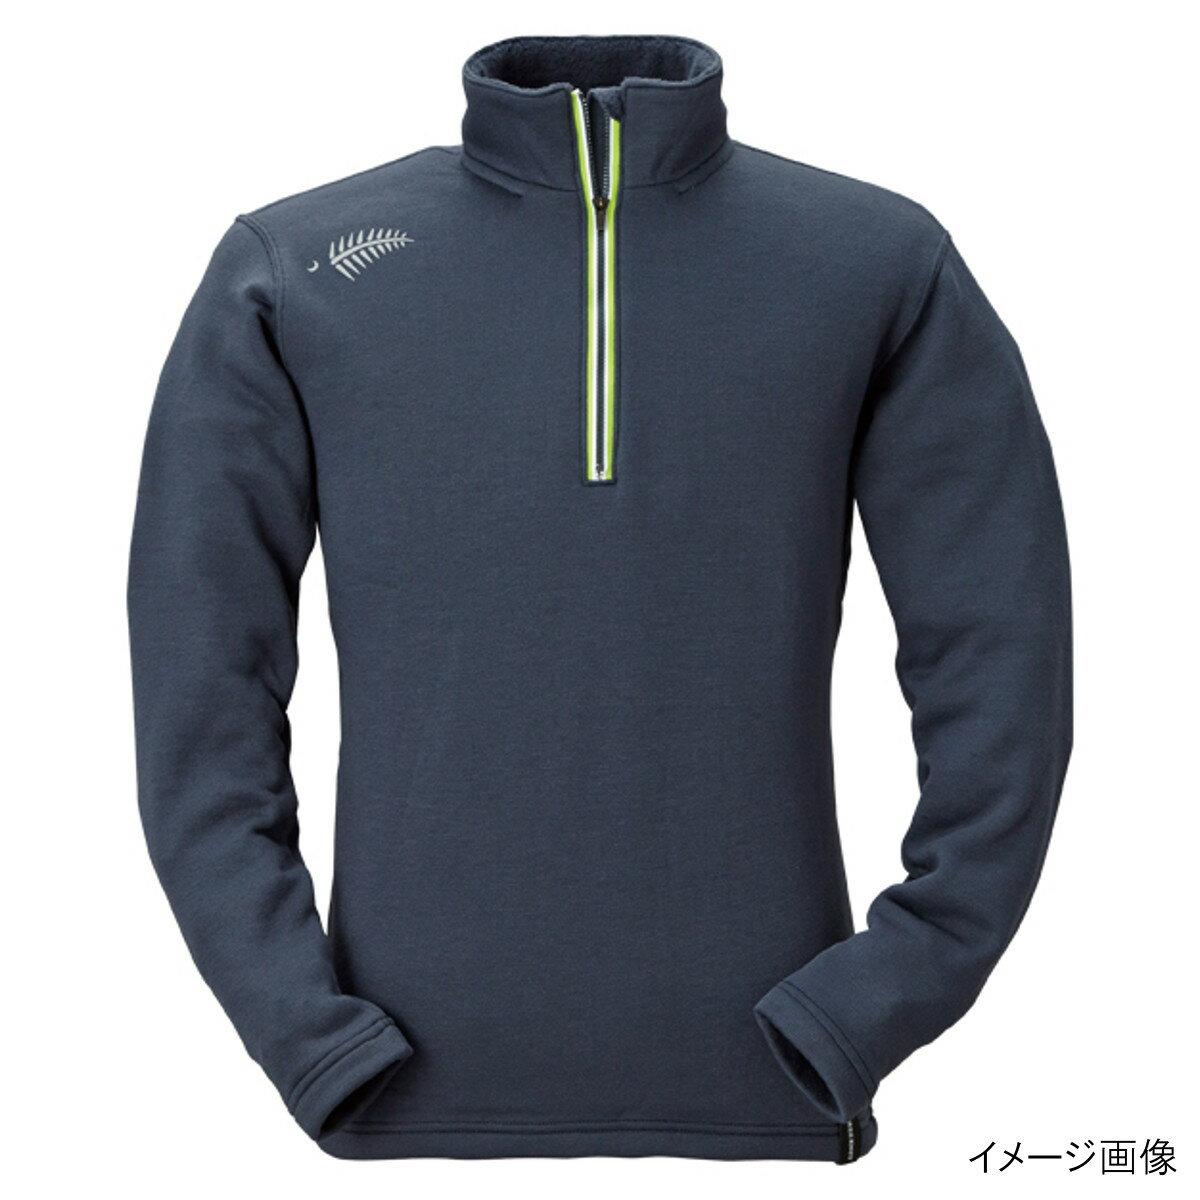 ジップアップシャツ シープバック超厚手 Y1631 L 97(ブルーブラック)